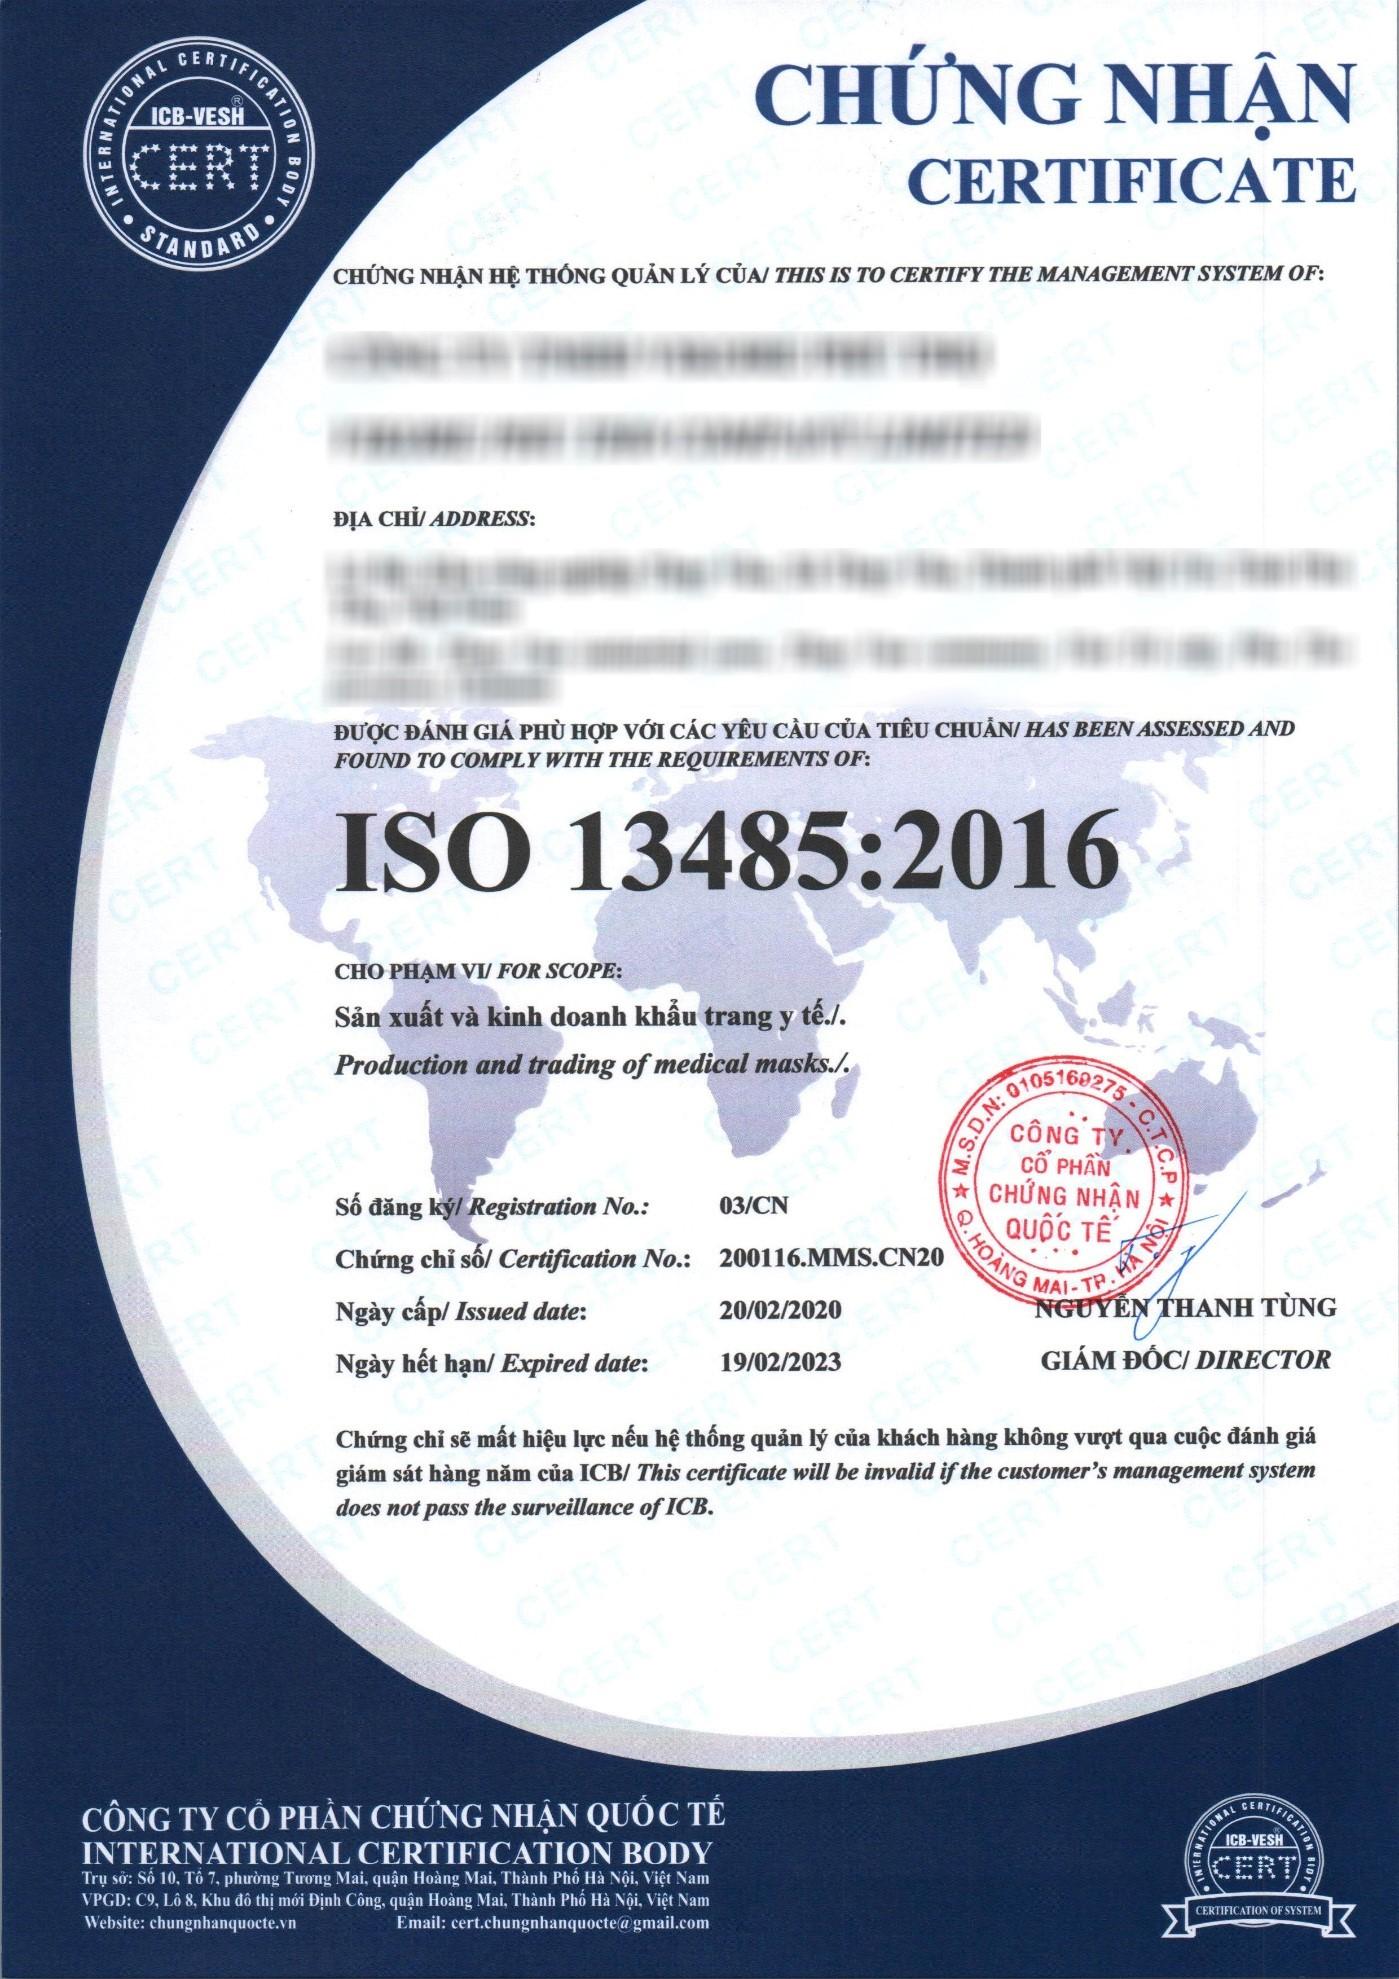 Mẫu chứng chỉ ISO 13485:2016 2